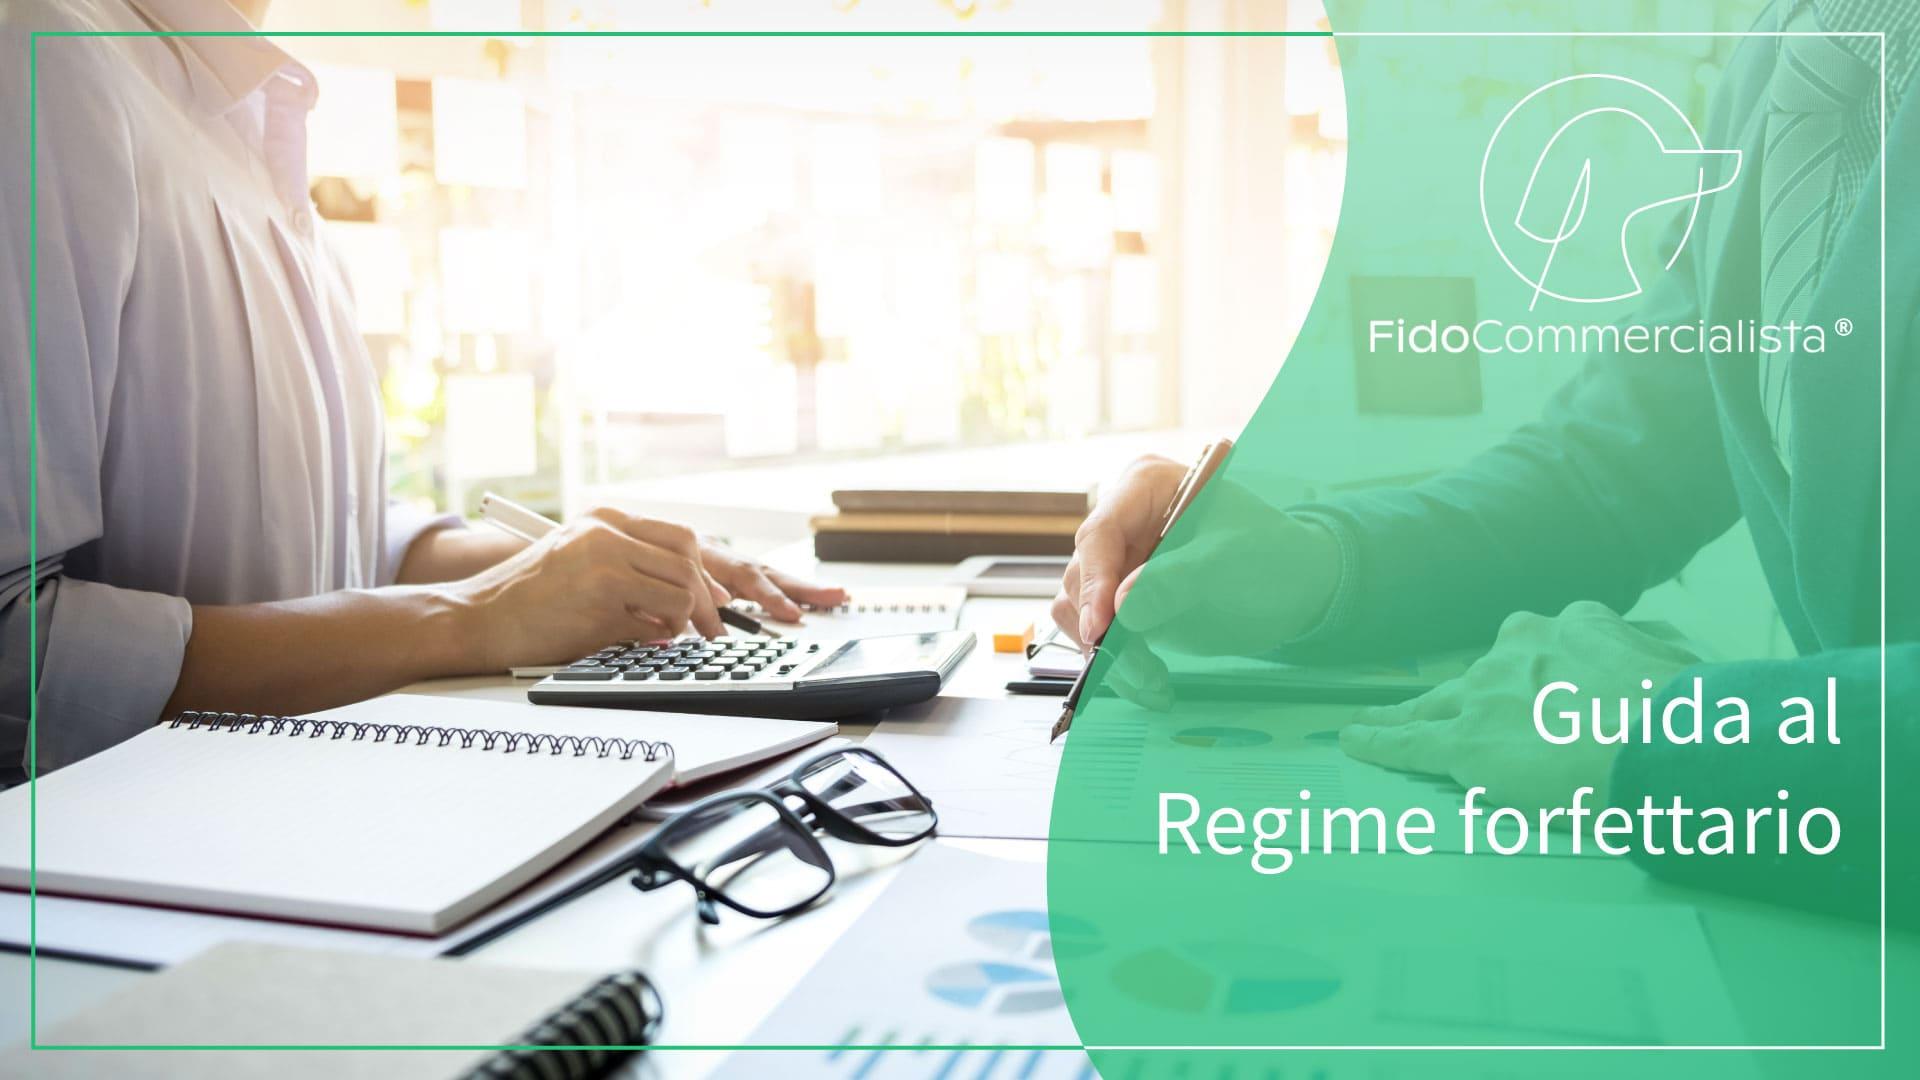 Guida al regime Flat Tax